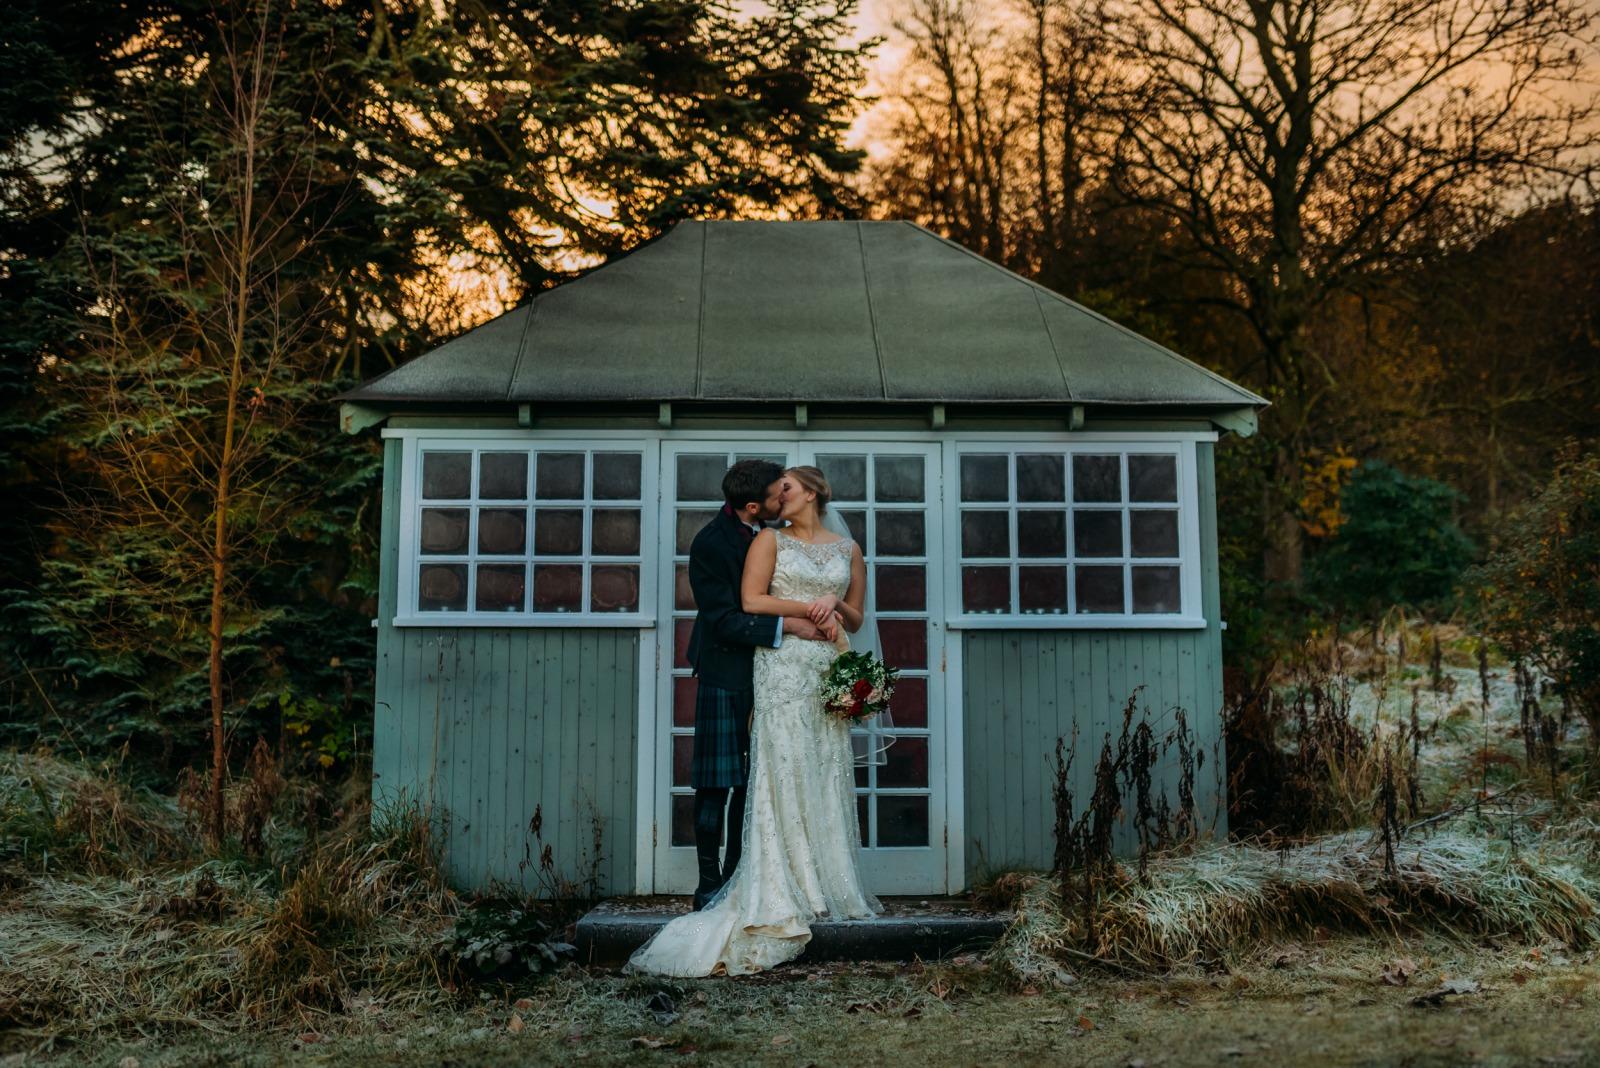 fingask-wedding-291-of-486